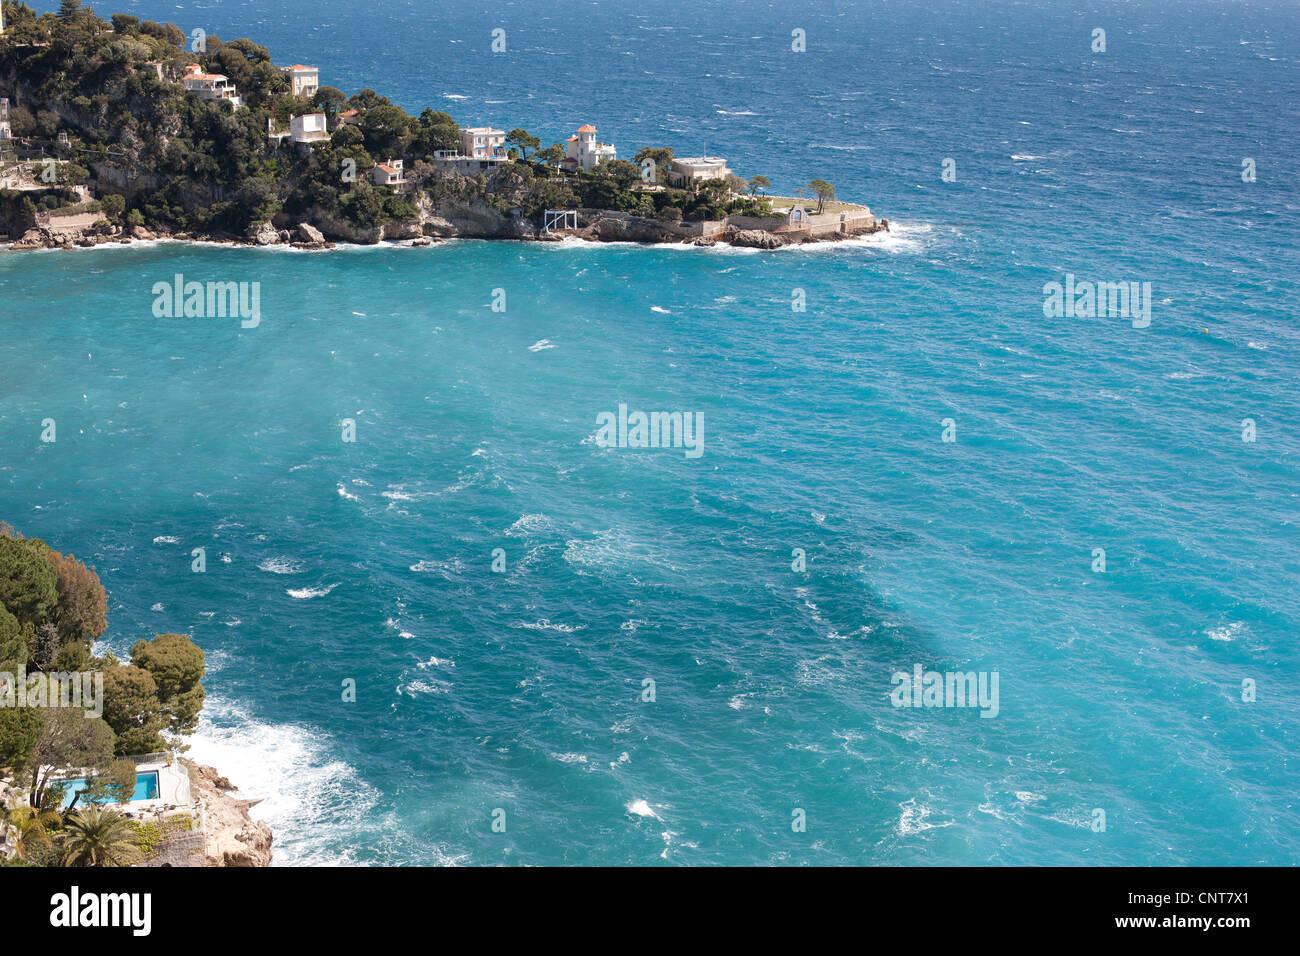 MALA capo roccioso promontorio con lussuose ville sull'azzurro del Mediterraneo della costa, Costa Azzurra, Immagini Stock